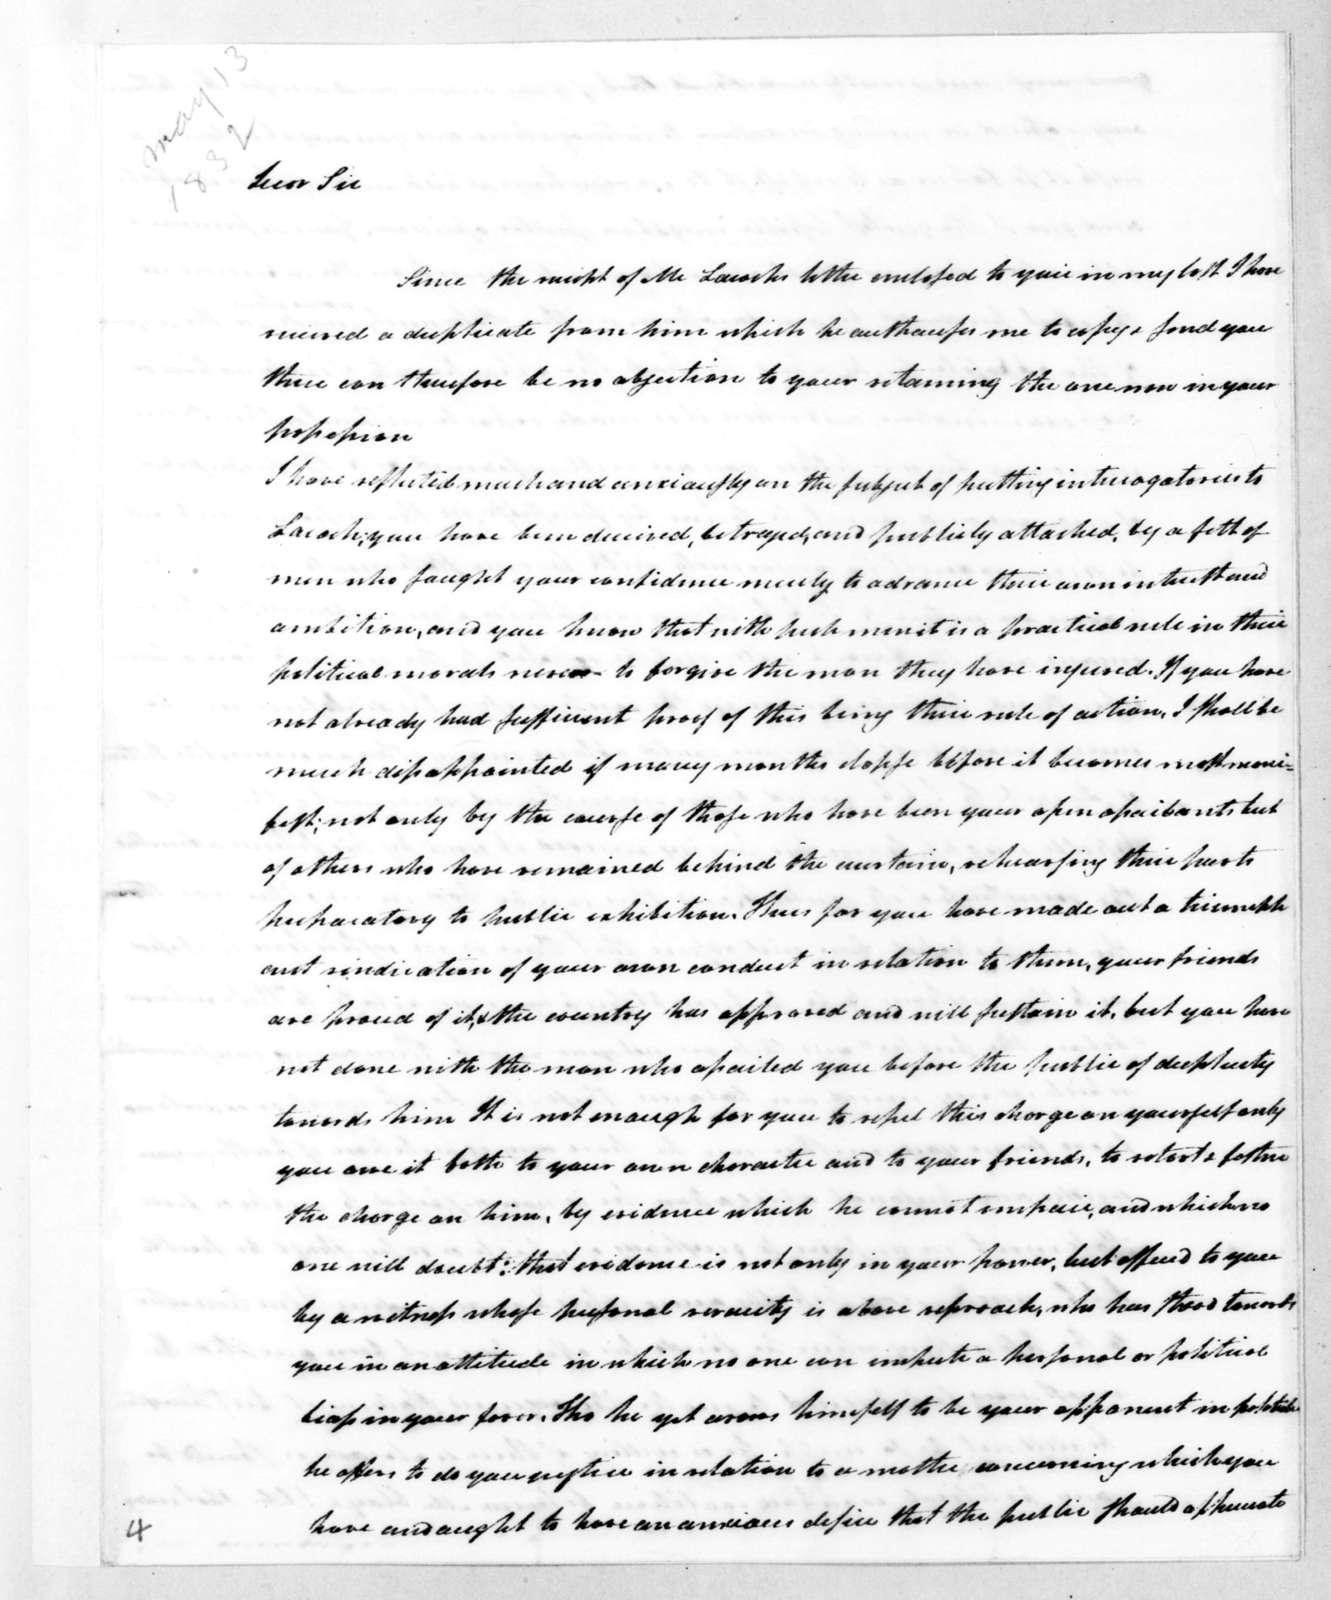 Henry Baldwin to Andrew Jackson, May 13, 1832